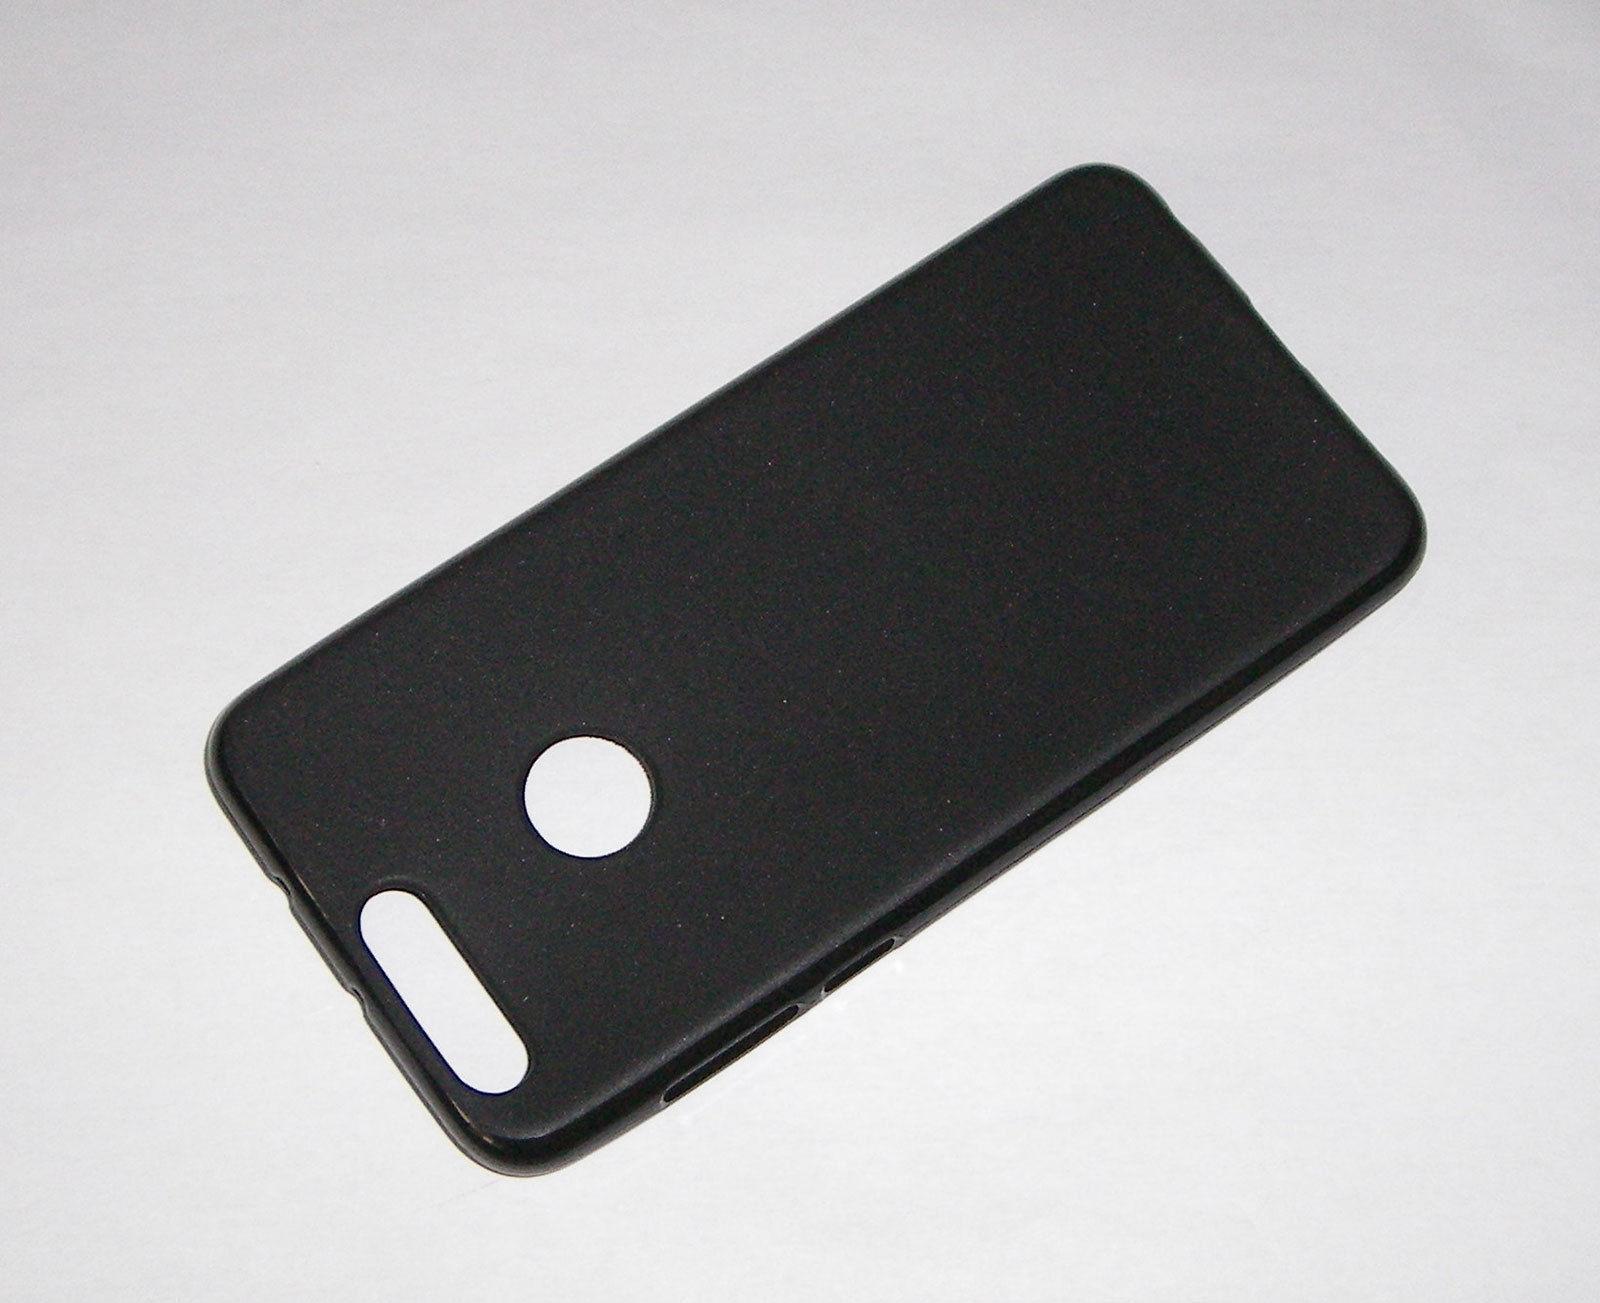 Pouzdro GEL pro Huawei Honor 8 černé